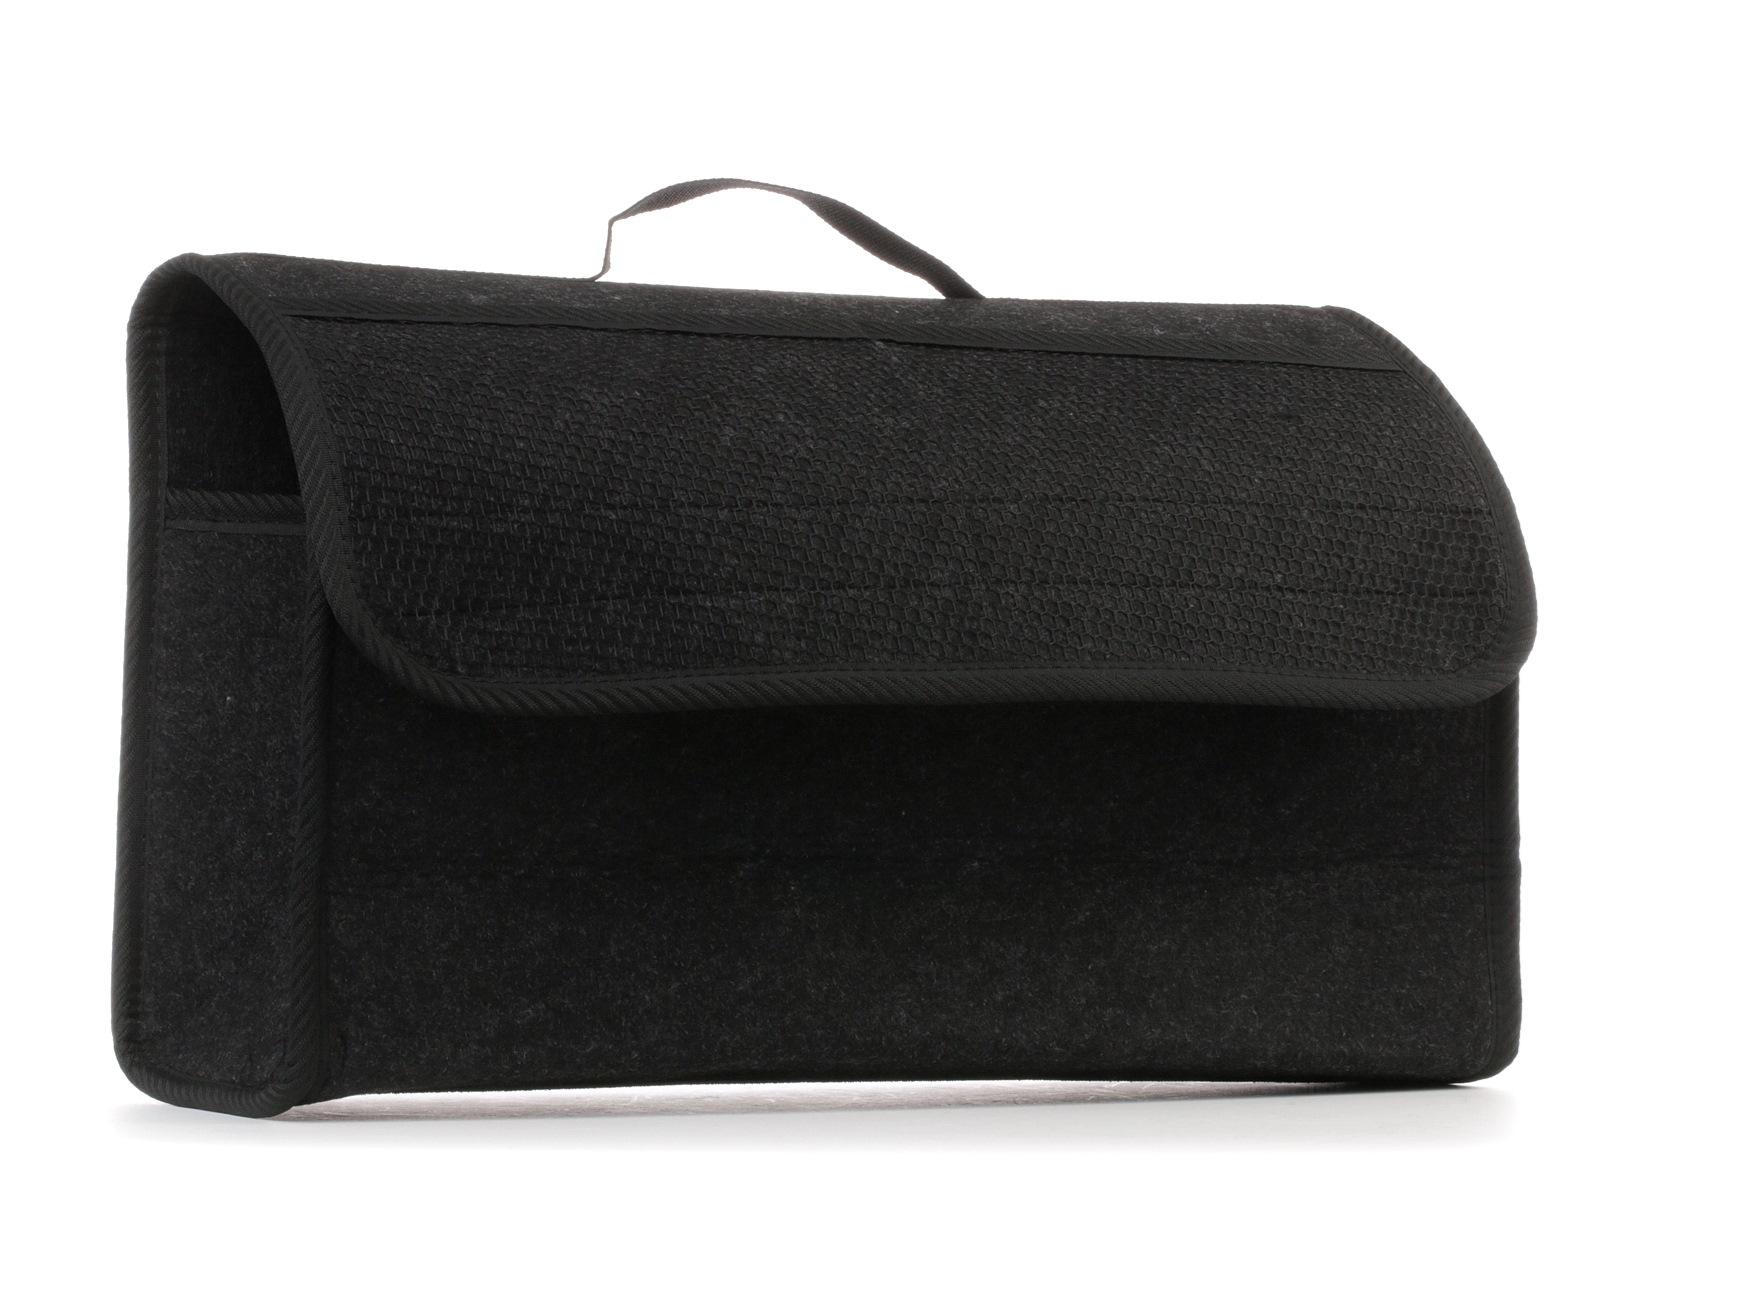 Koffer- / Laderaumtasche 93-023 Niedrige Preise - Jetzt kaufen!